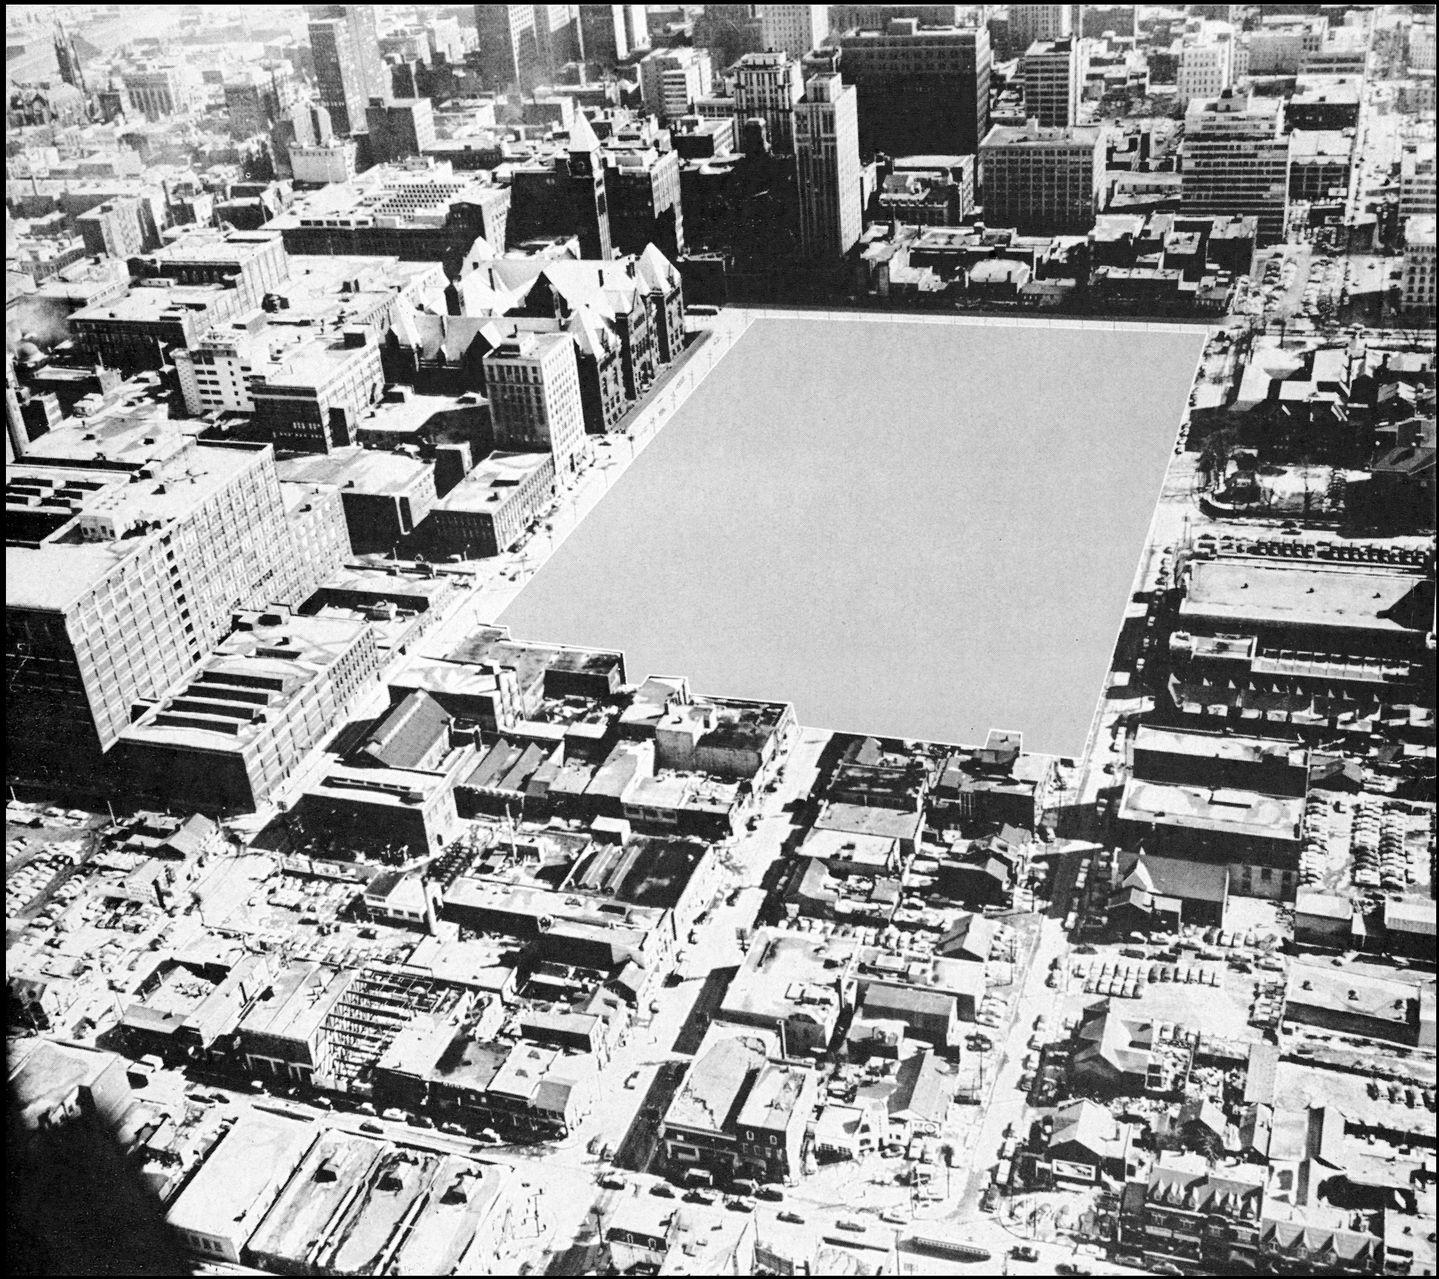 Terrain exproprié pour la construction du nouvel hôtel de ville et de la nouvelle place publique